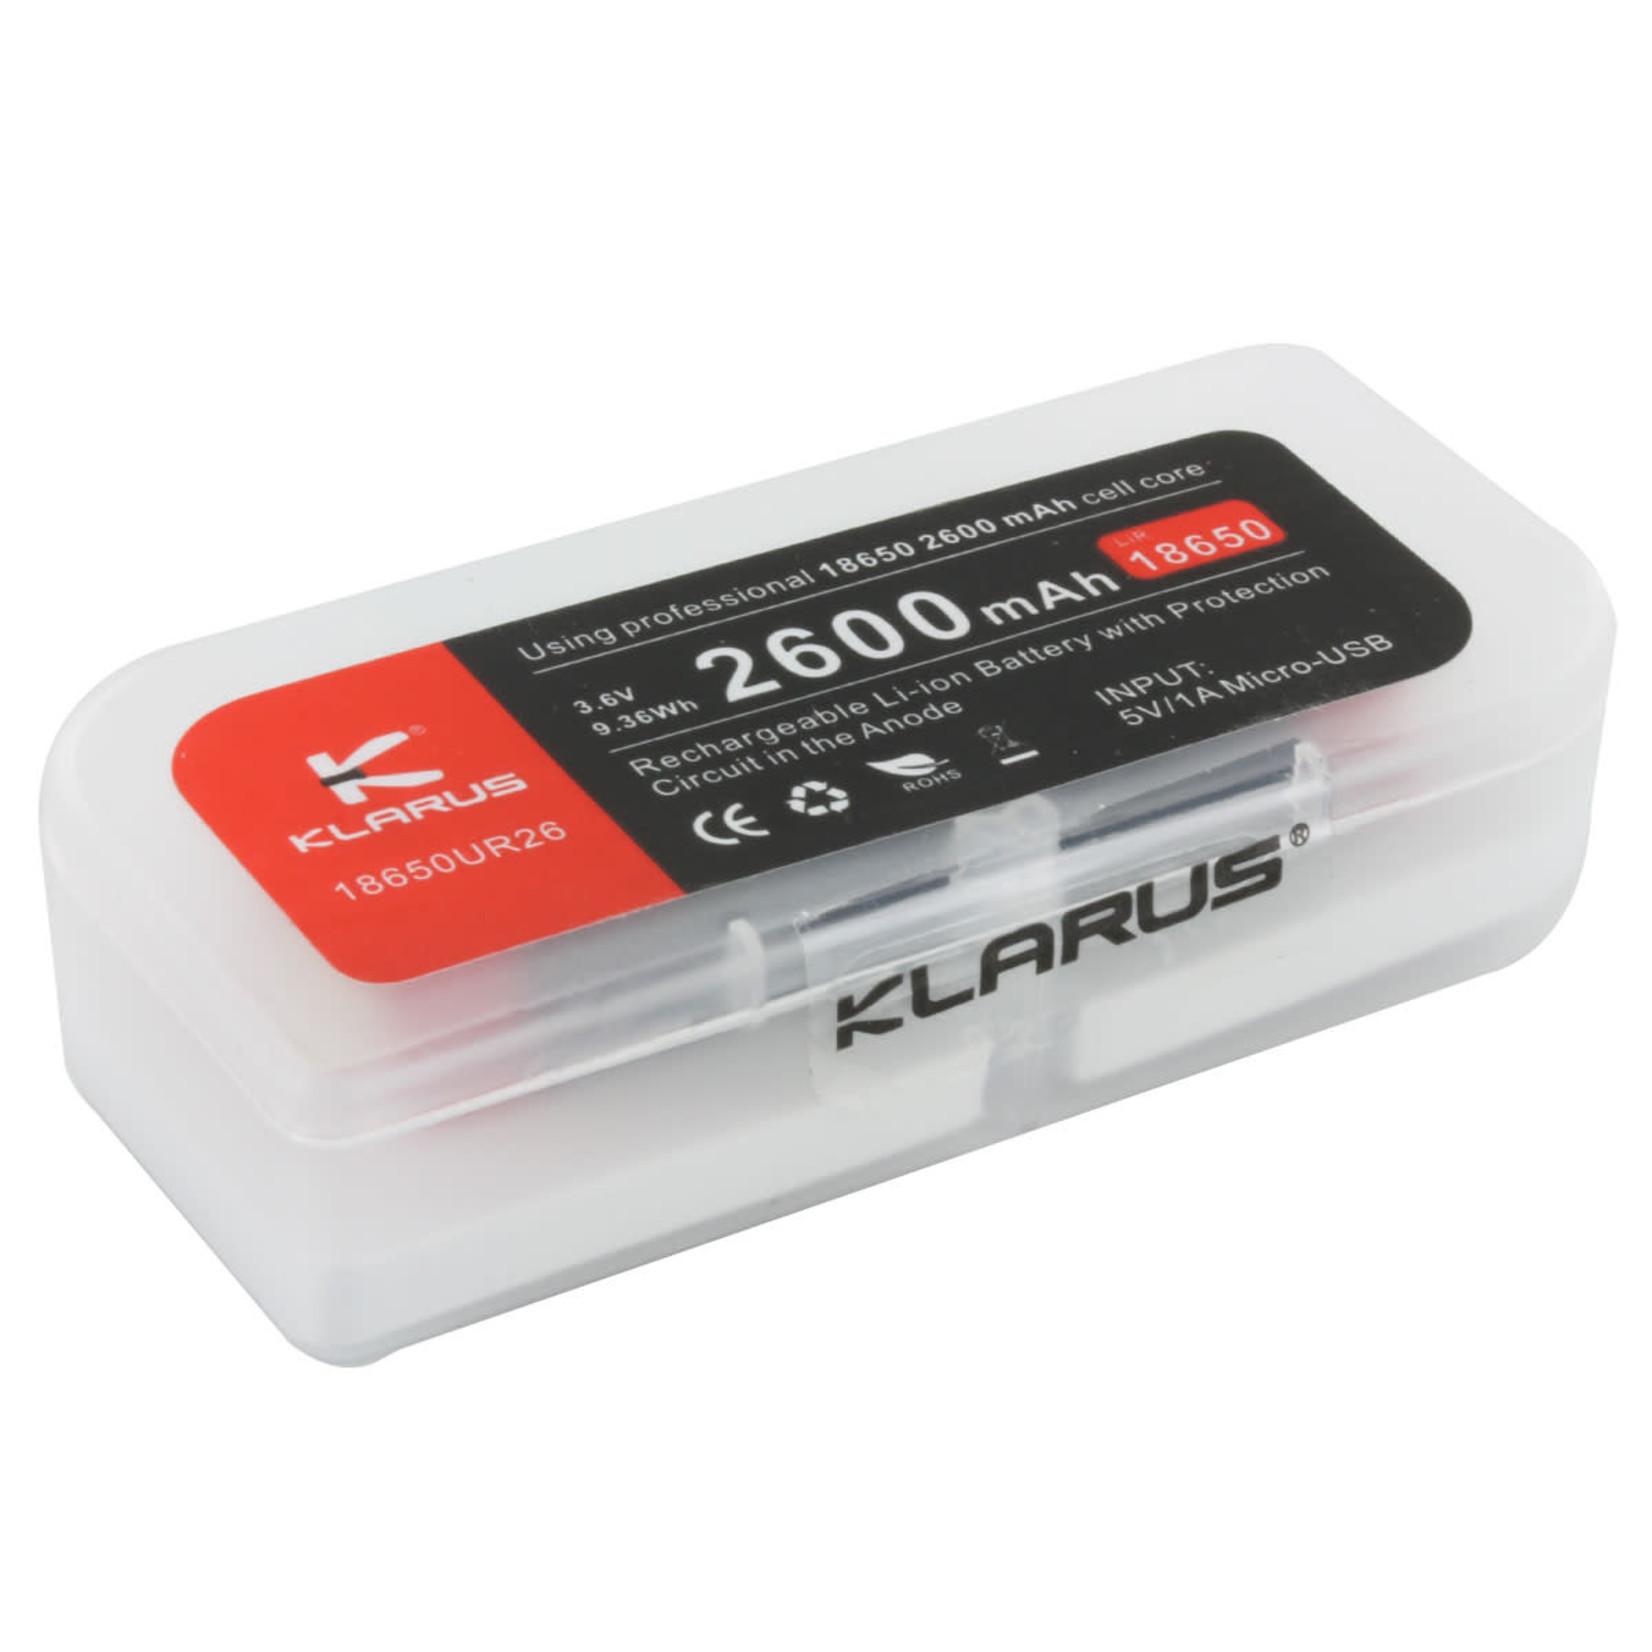 Klarus Klarus 2600mAh Battery-Rechargeable Li-ion